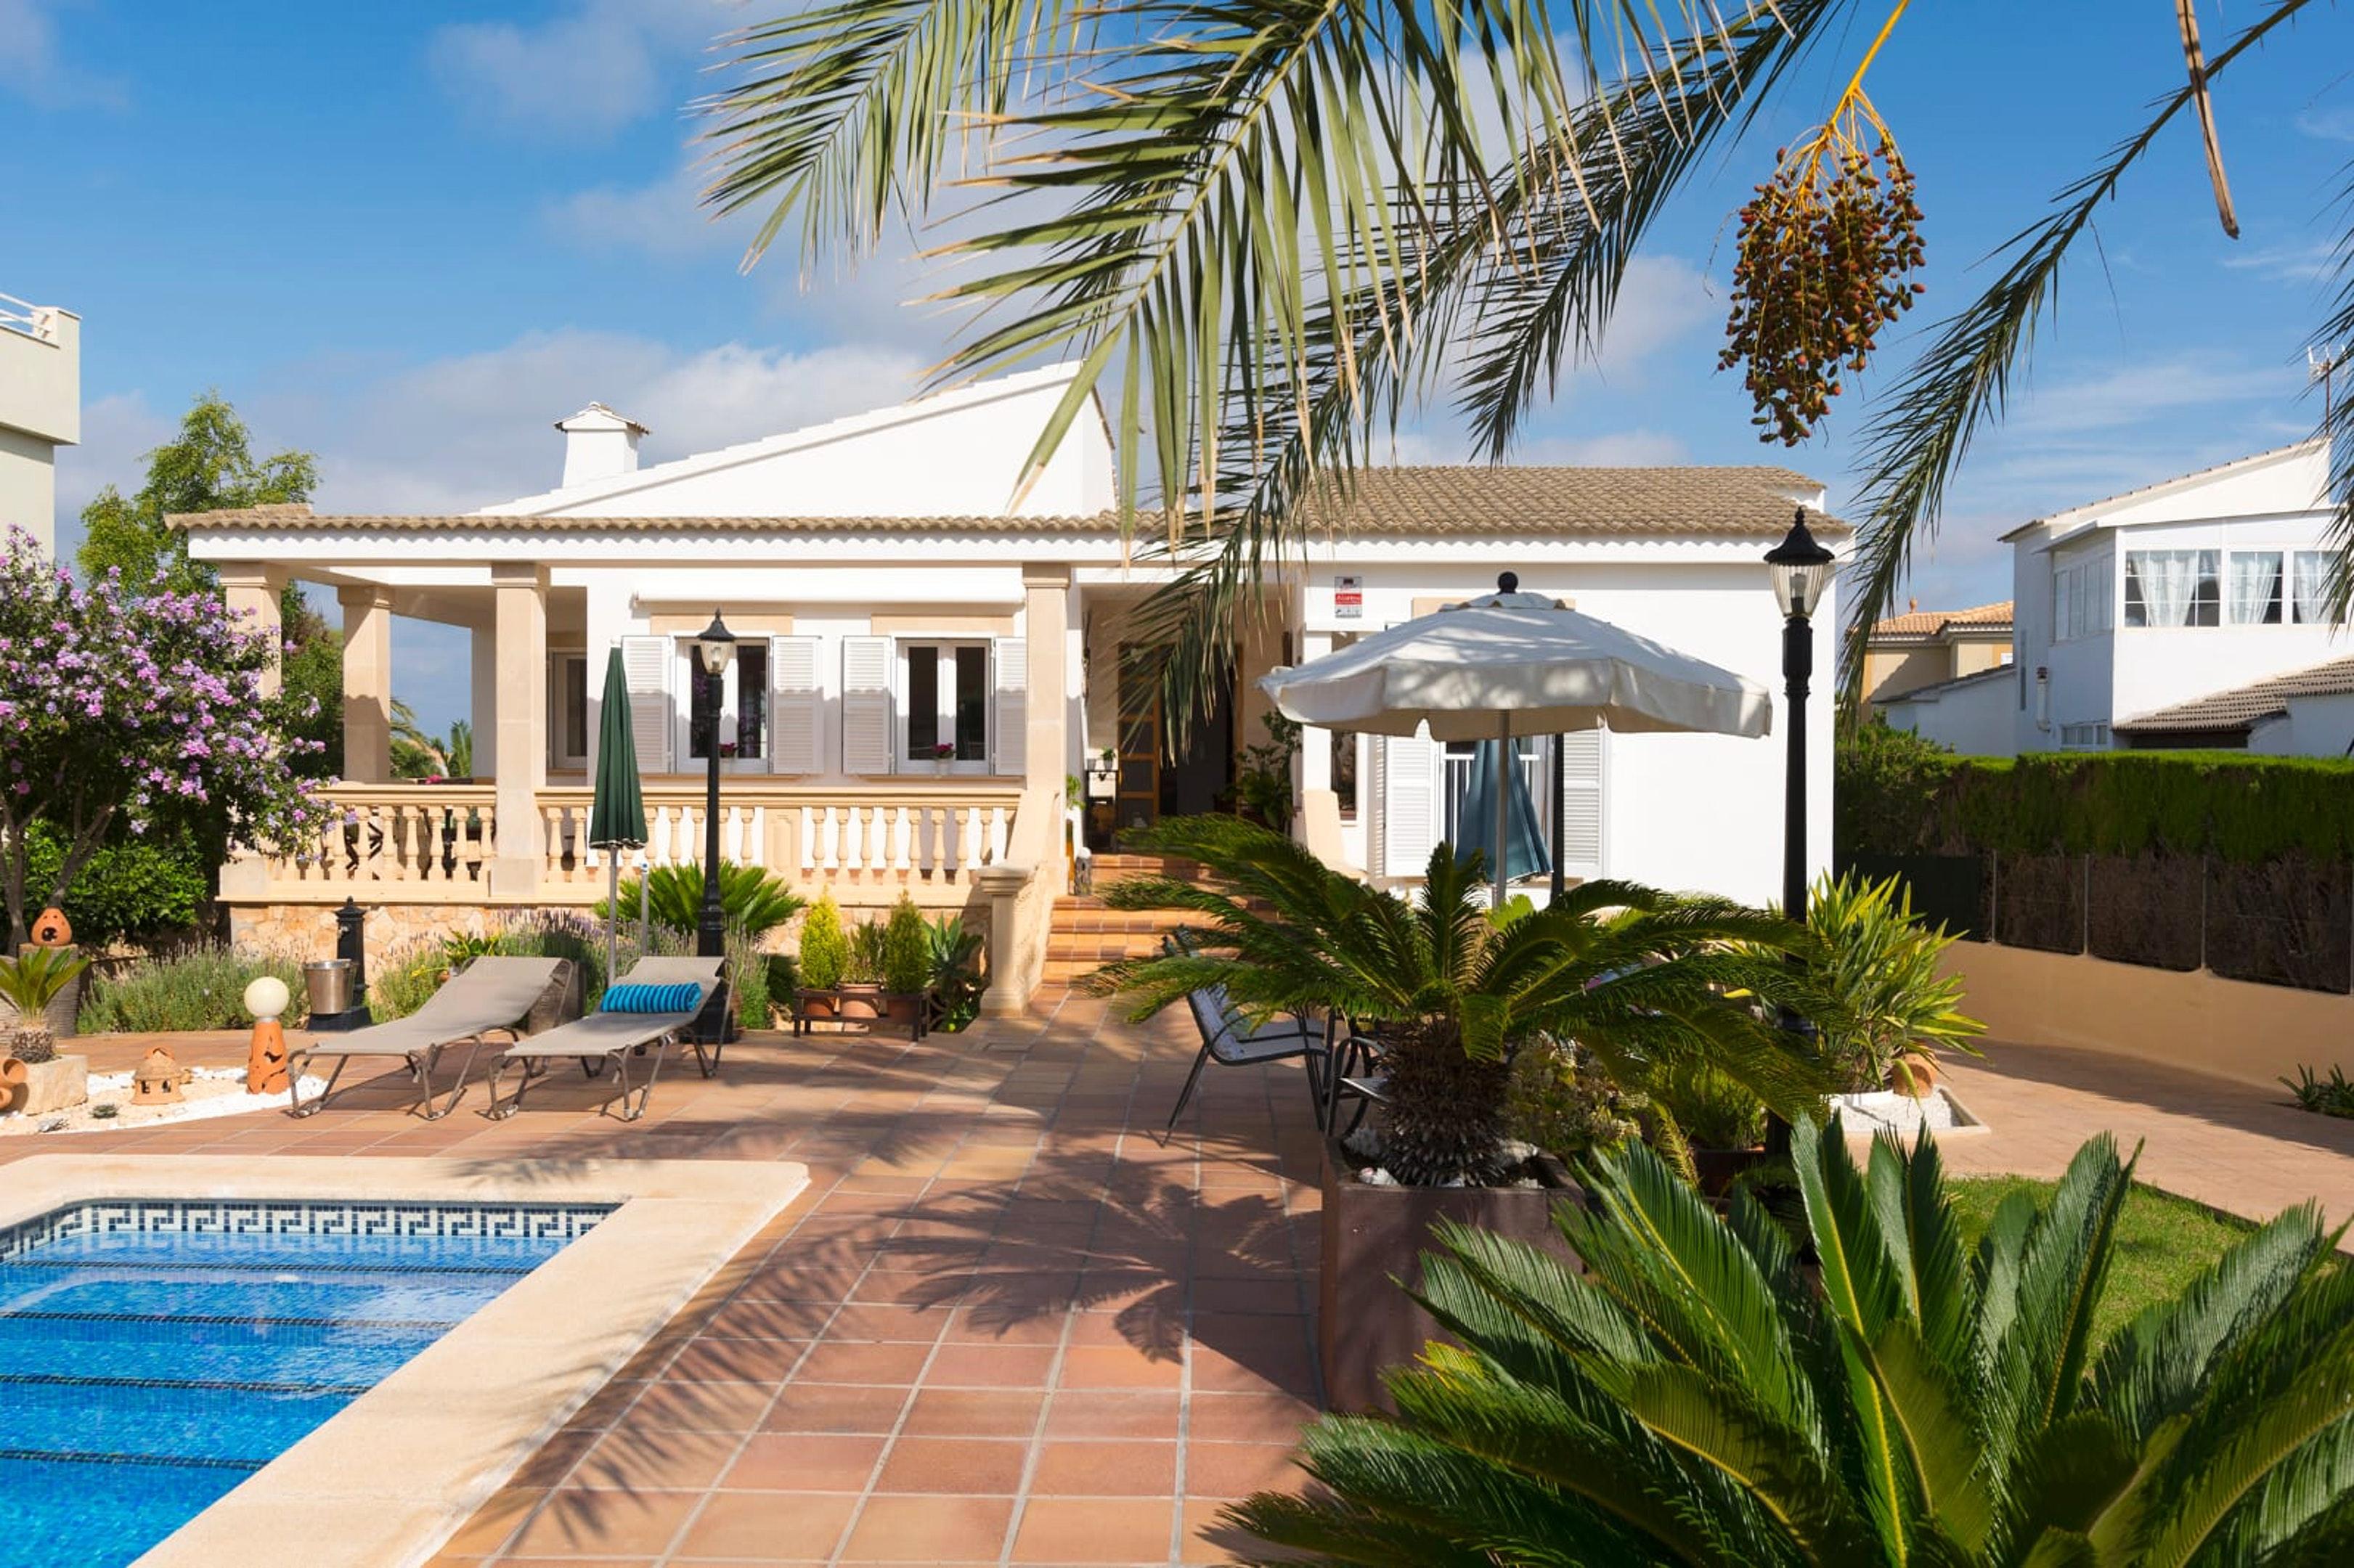 Villa mit 3 Schlafzimmern in Llucmajor mit privatem Pool möbliertem Garten und W LAN 600 m vom Strand entfernt